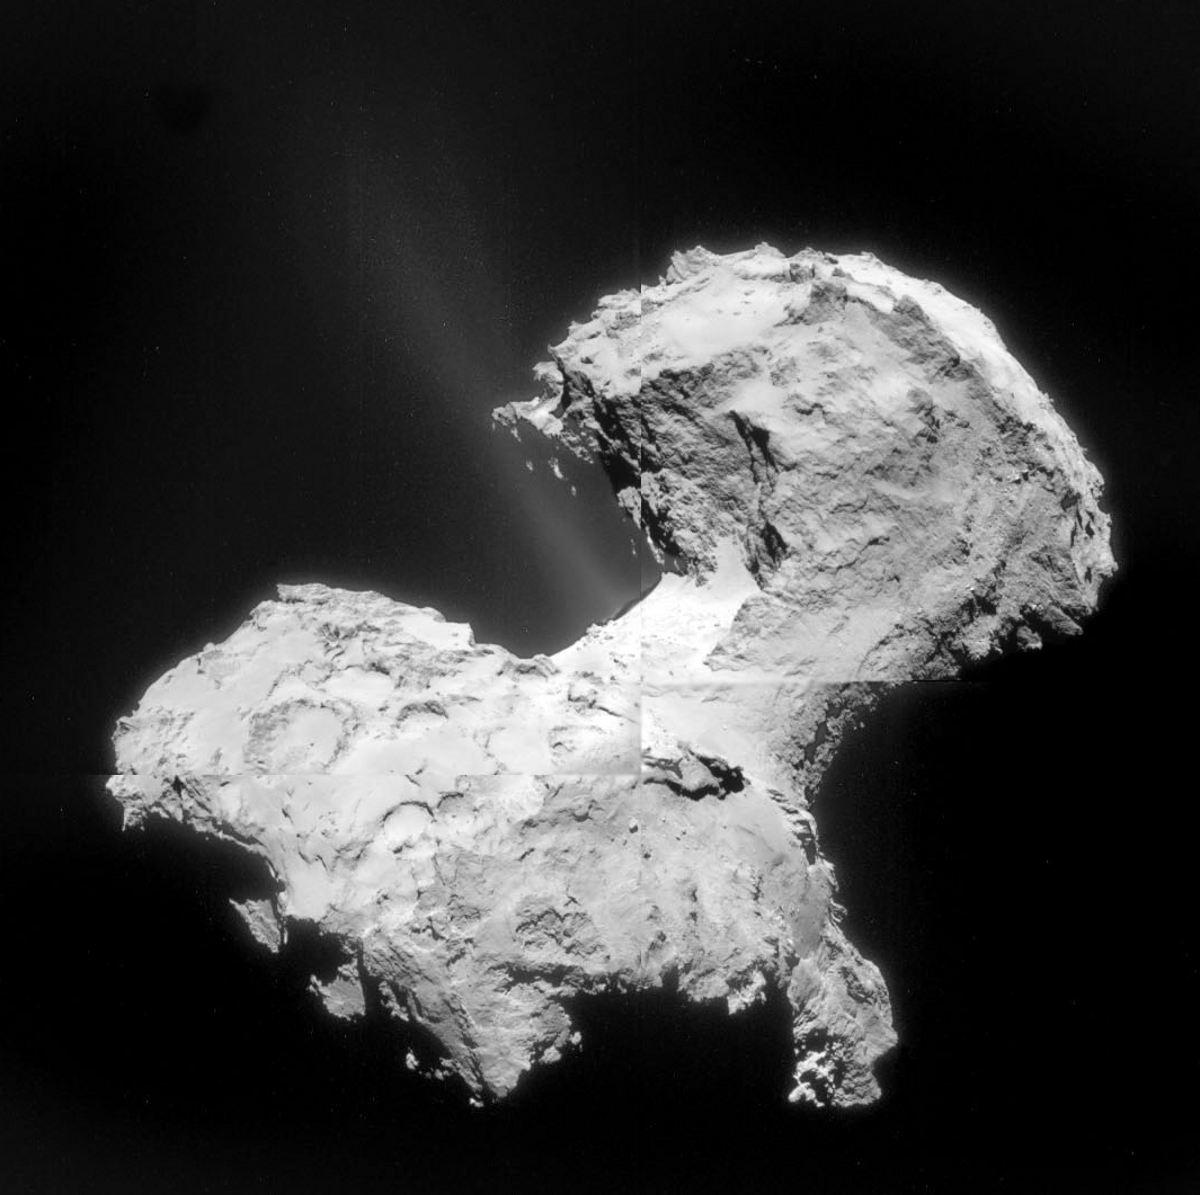 comet jets water source 67p